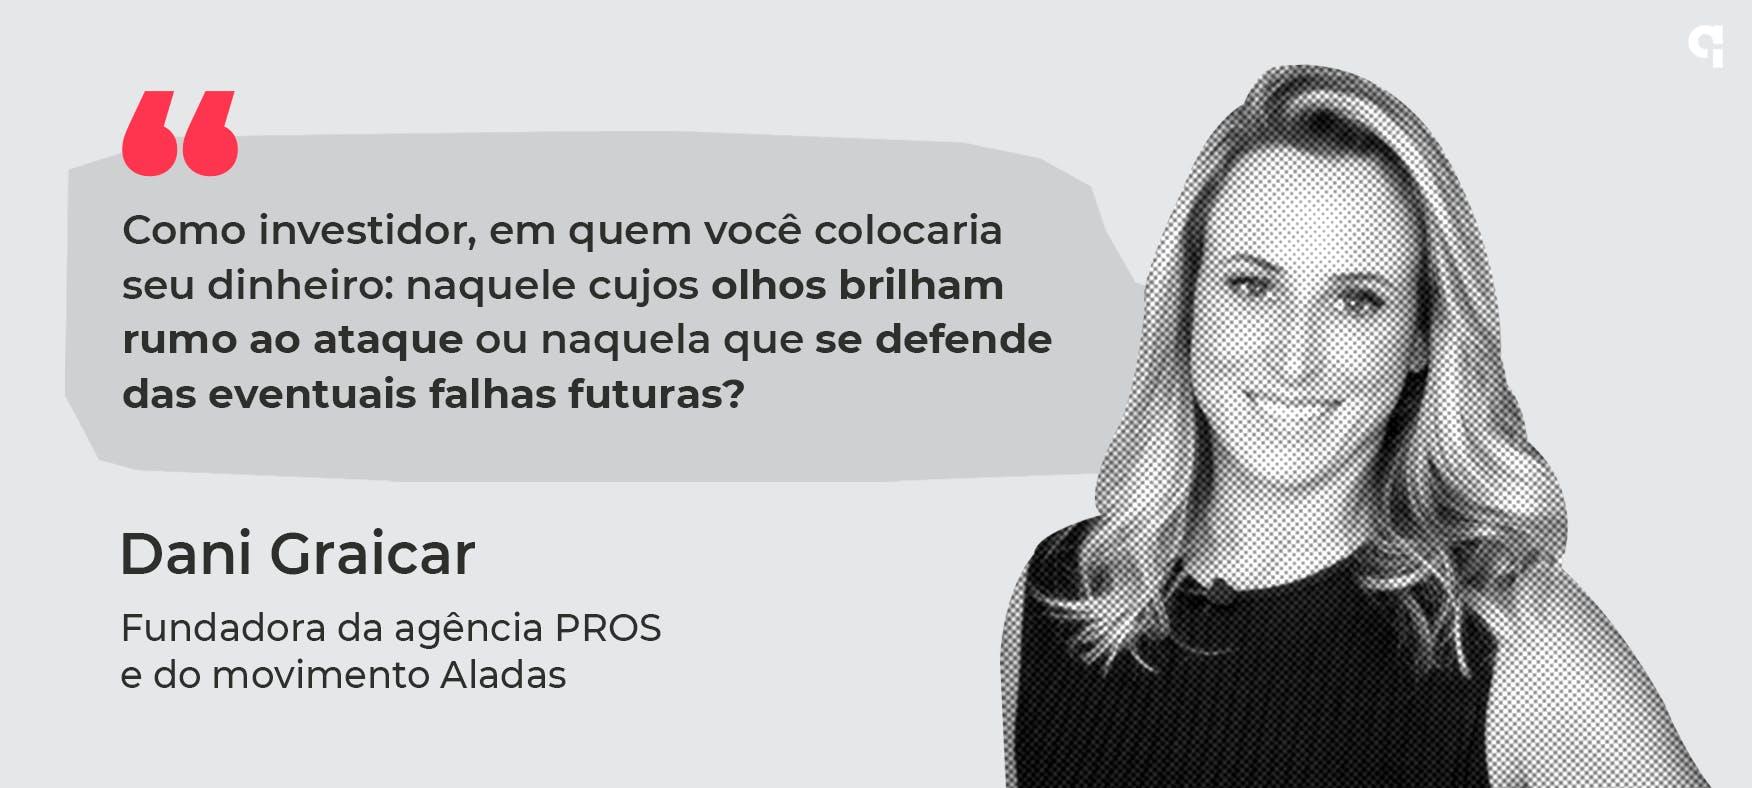 Daniela Graicar, fundadora da agencia PROS e do movimento Aladas